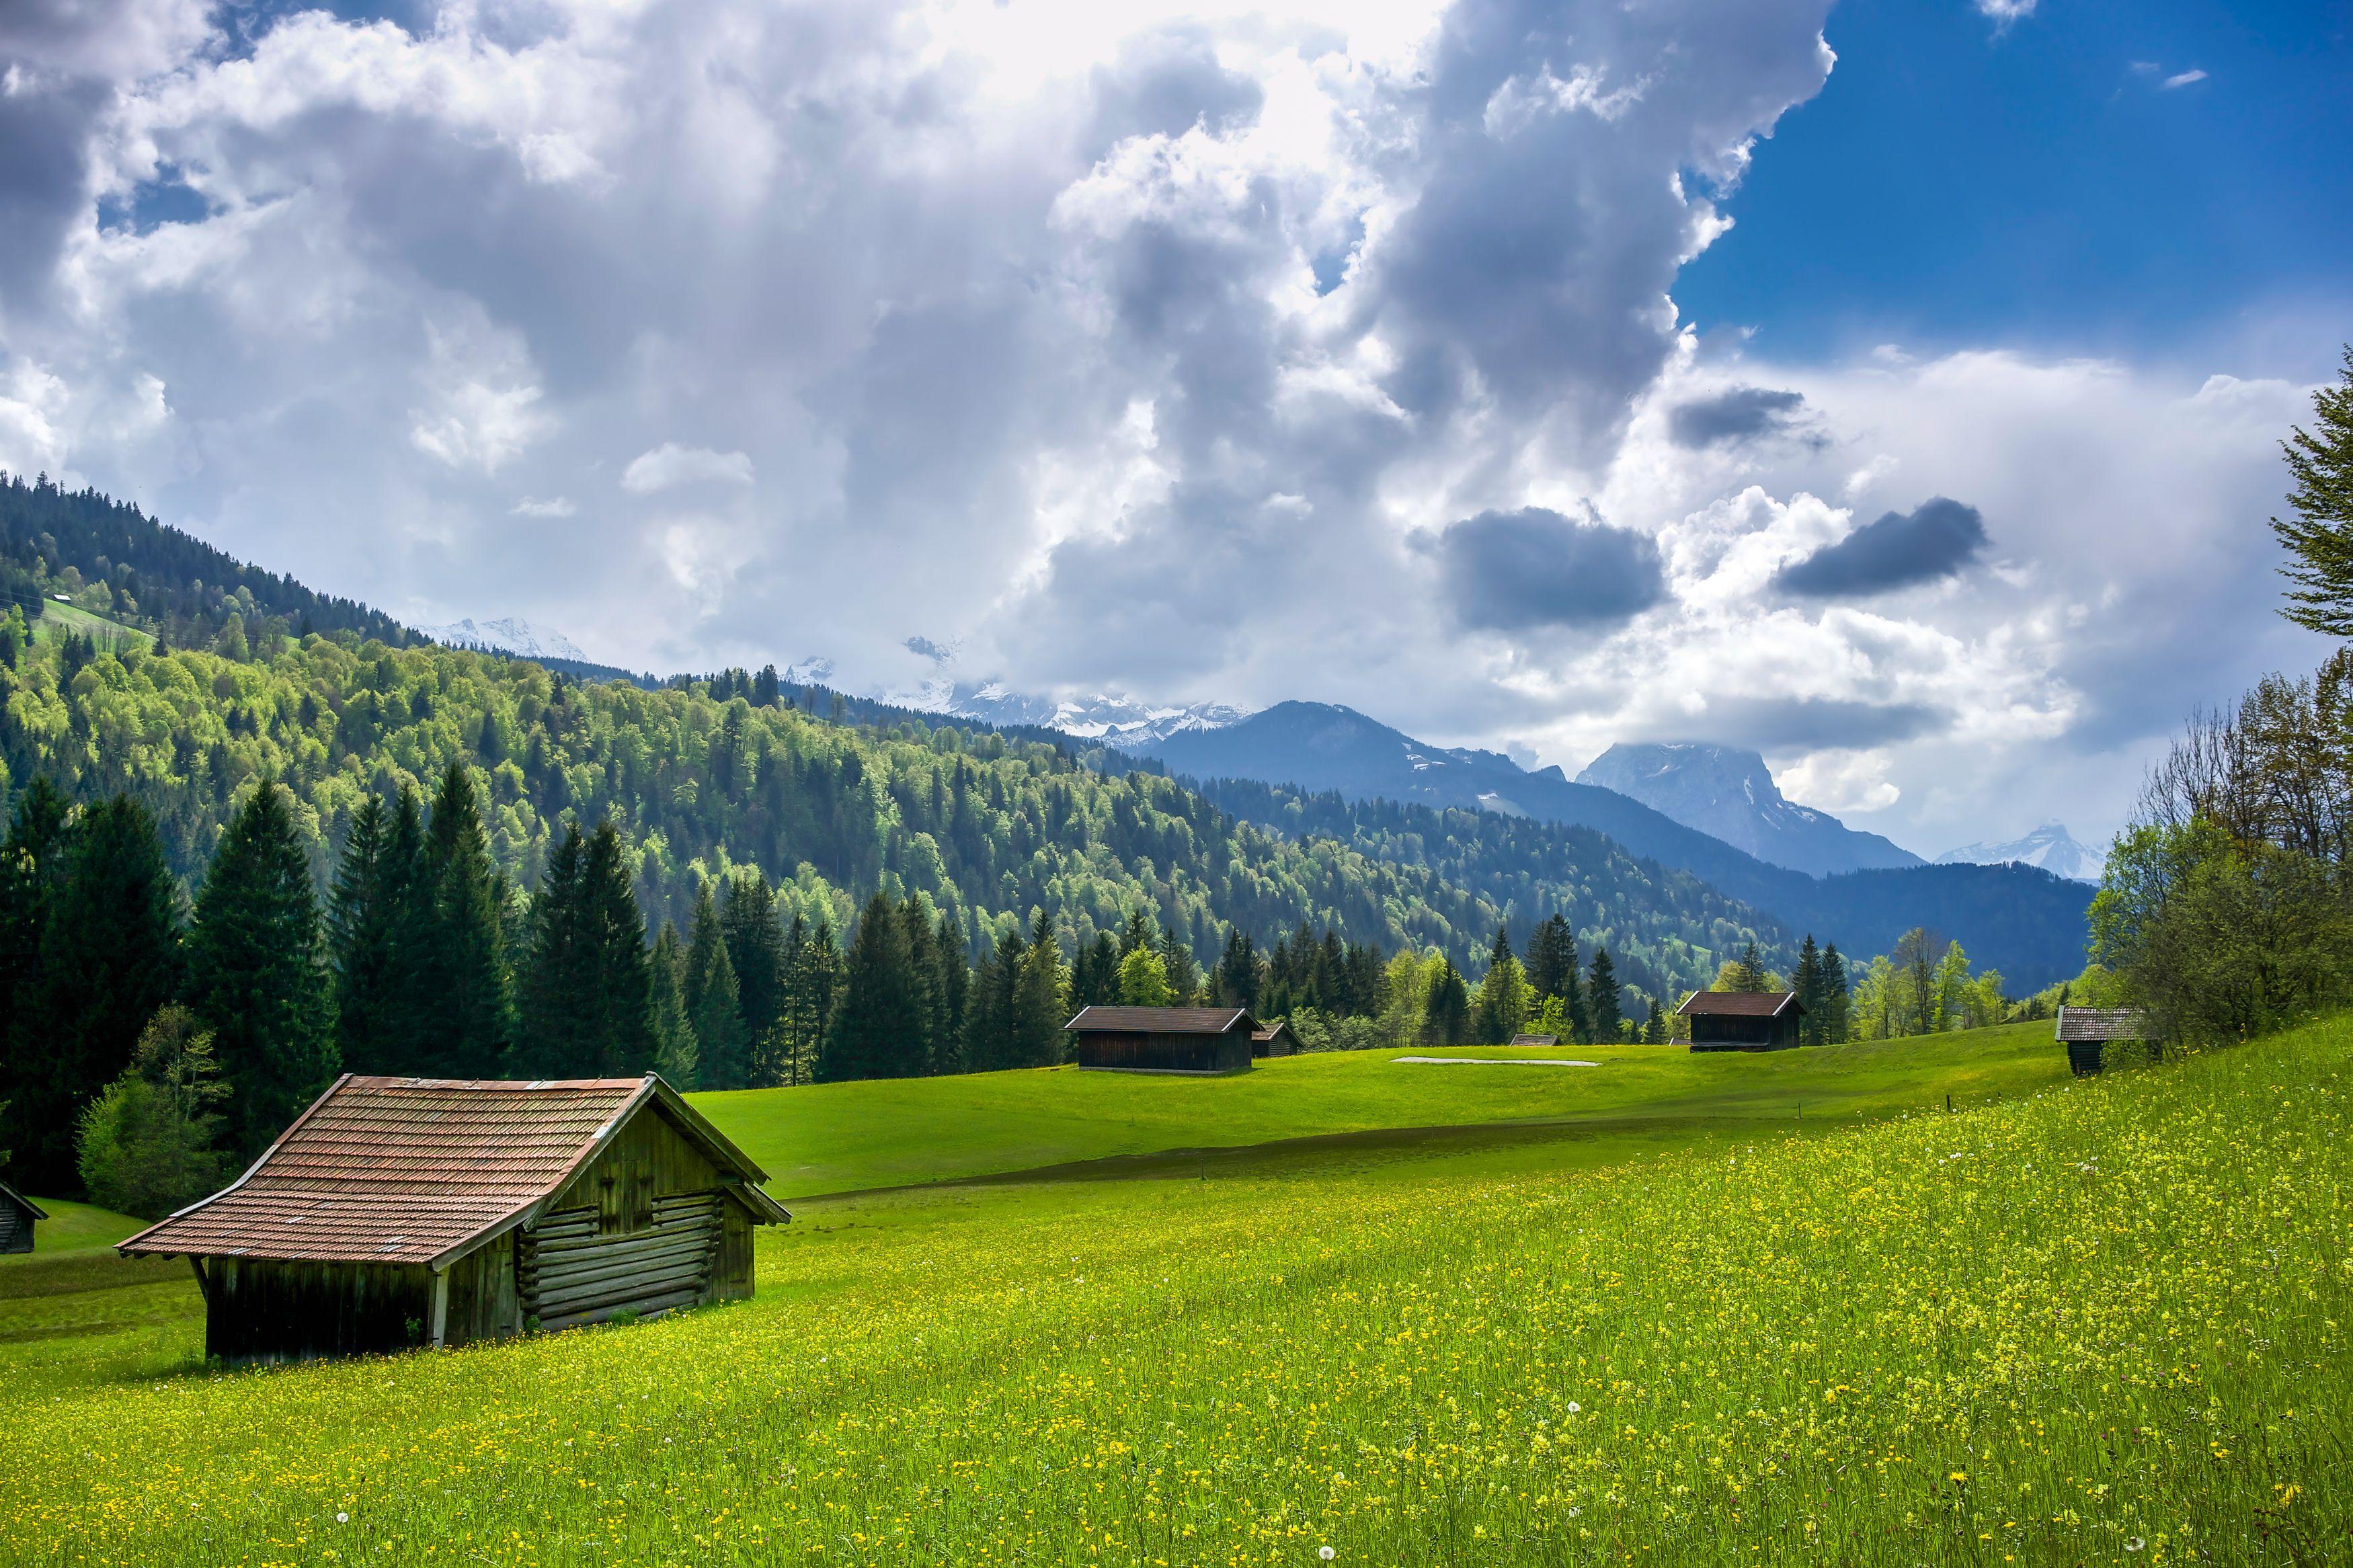 обои Миттенвальд, Гармиш, Германия, Альпы картинки фото